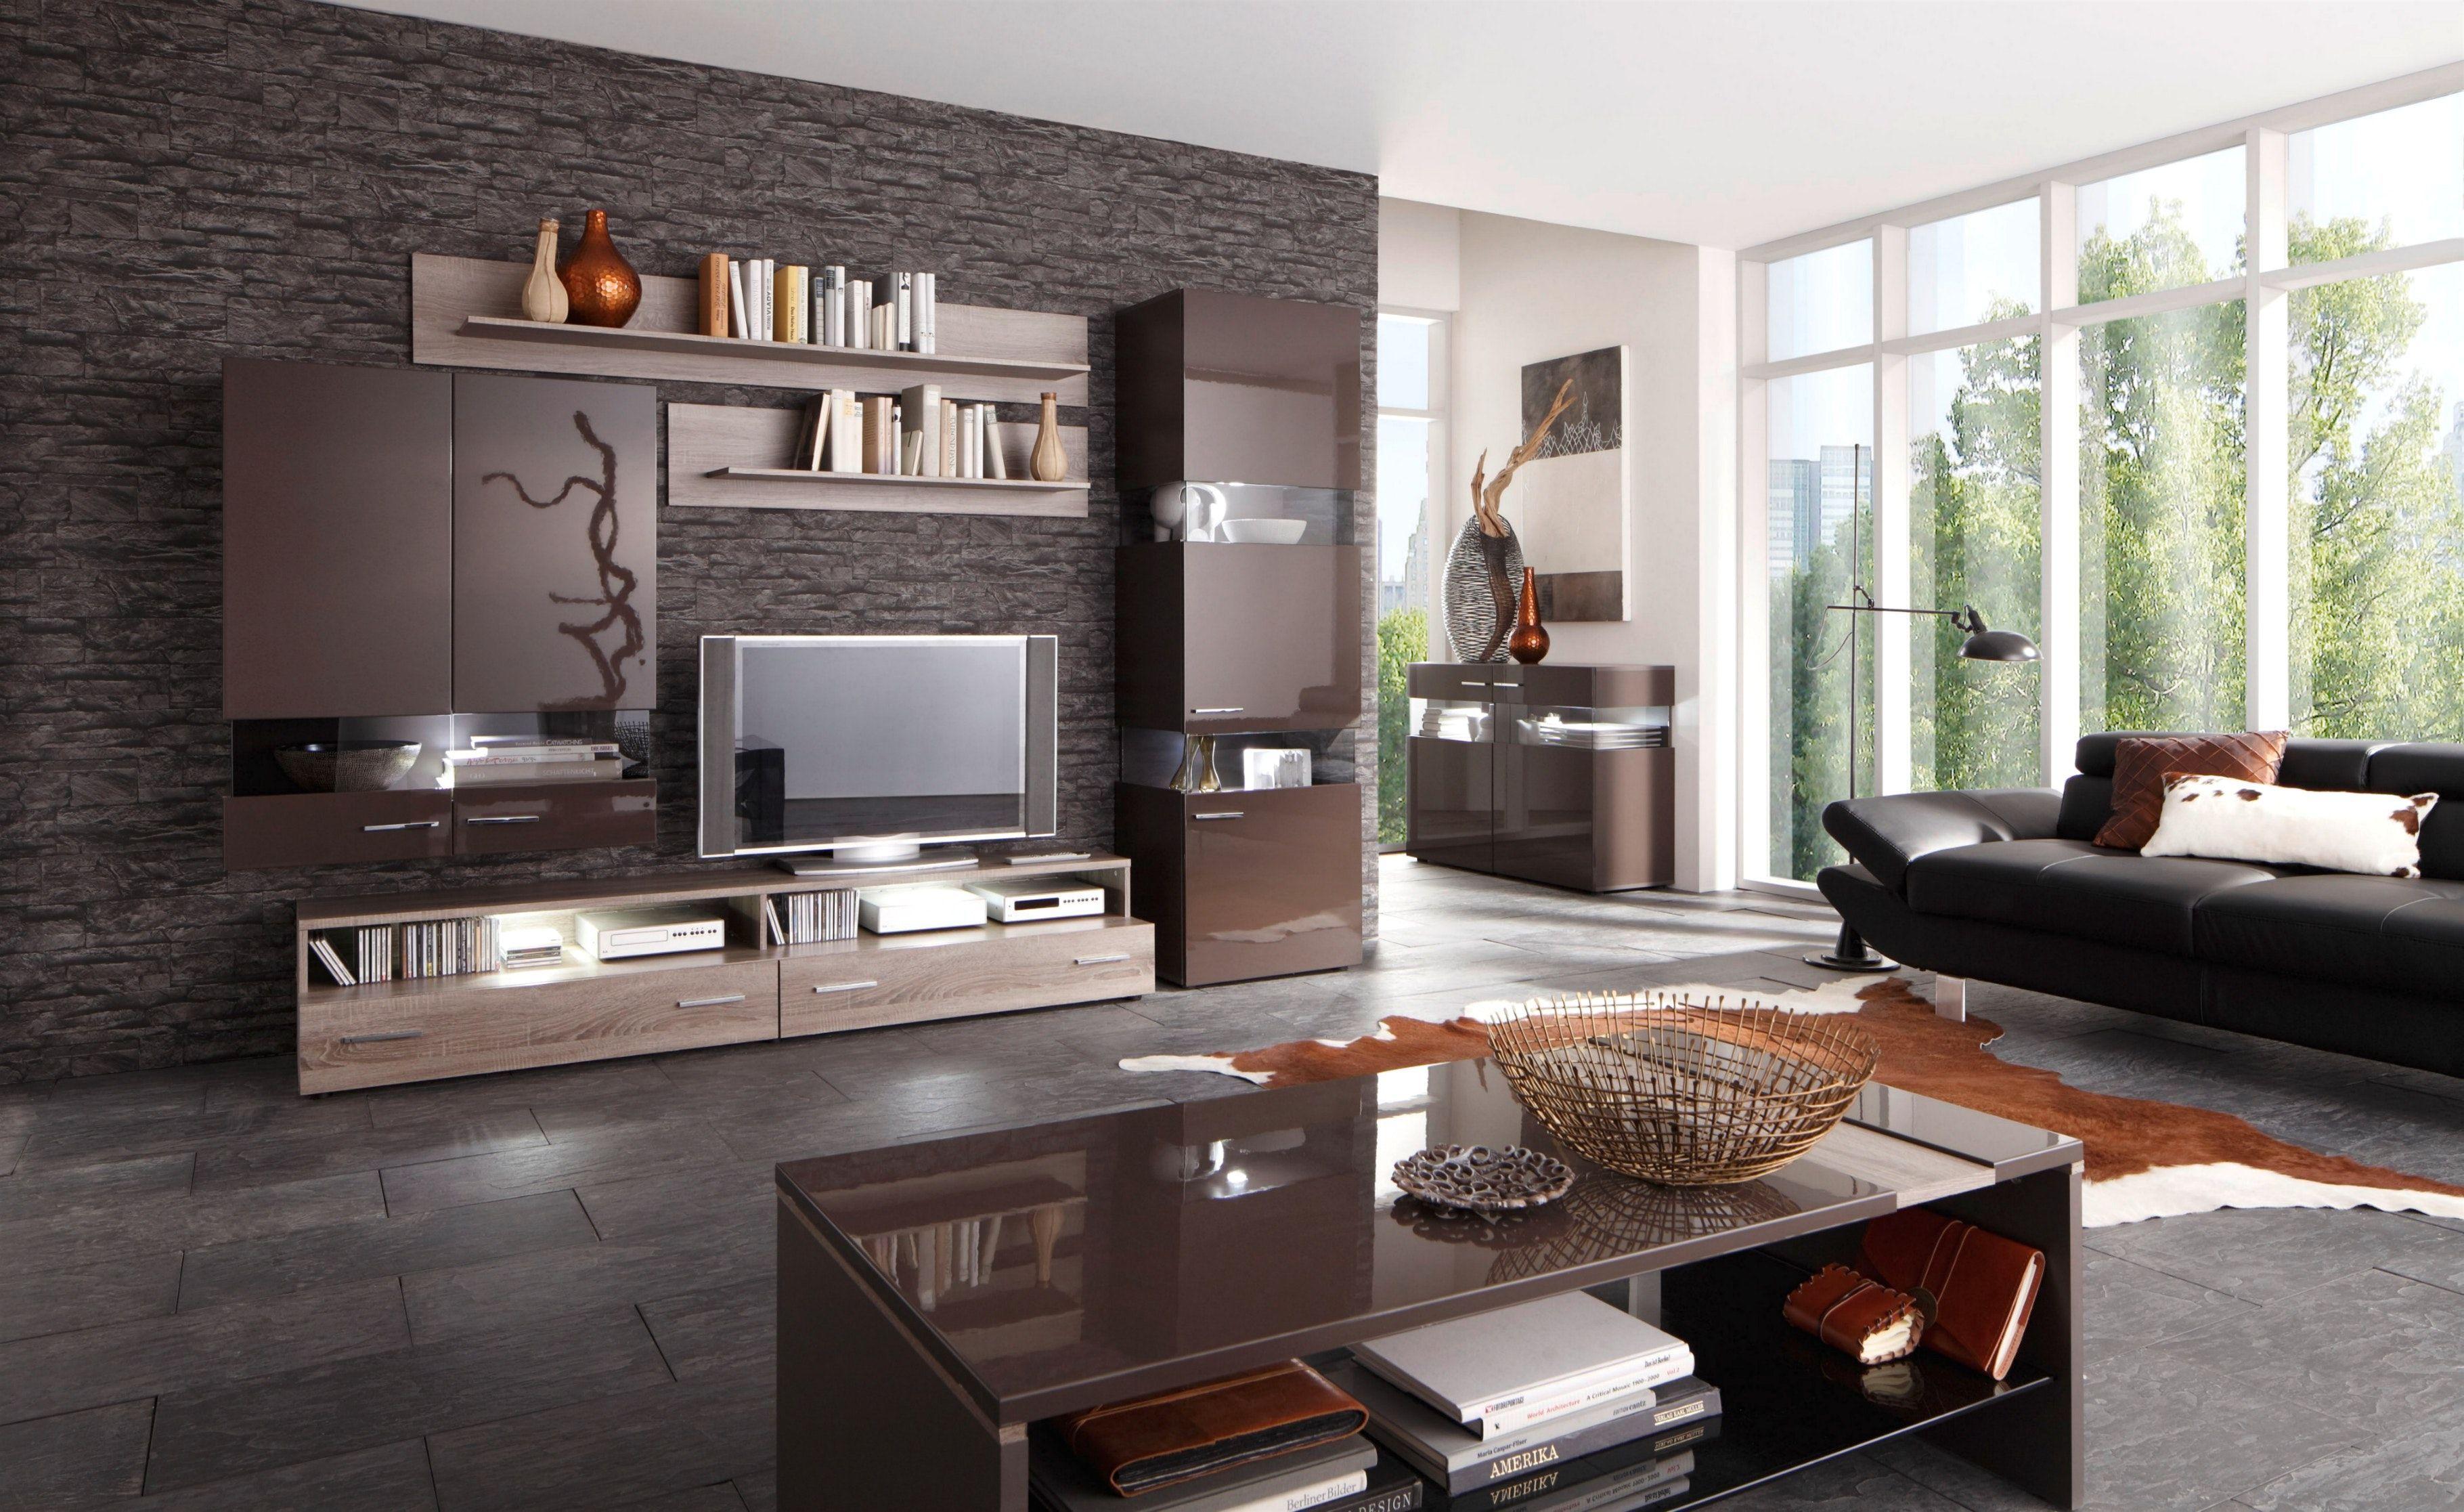 Brilliant Wohnideen Wohnzimmer Modern Das Beste Von Wände